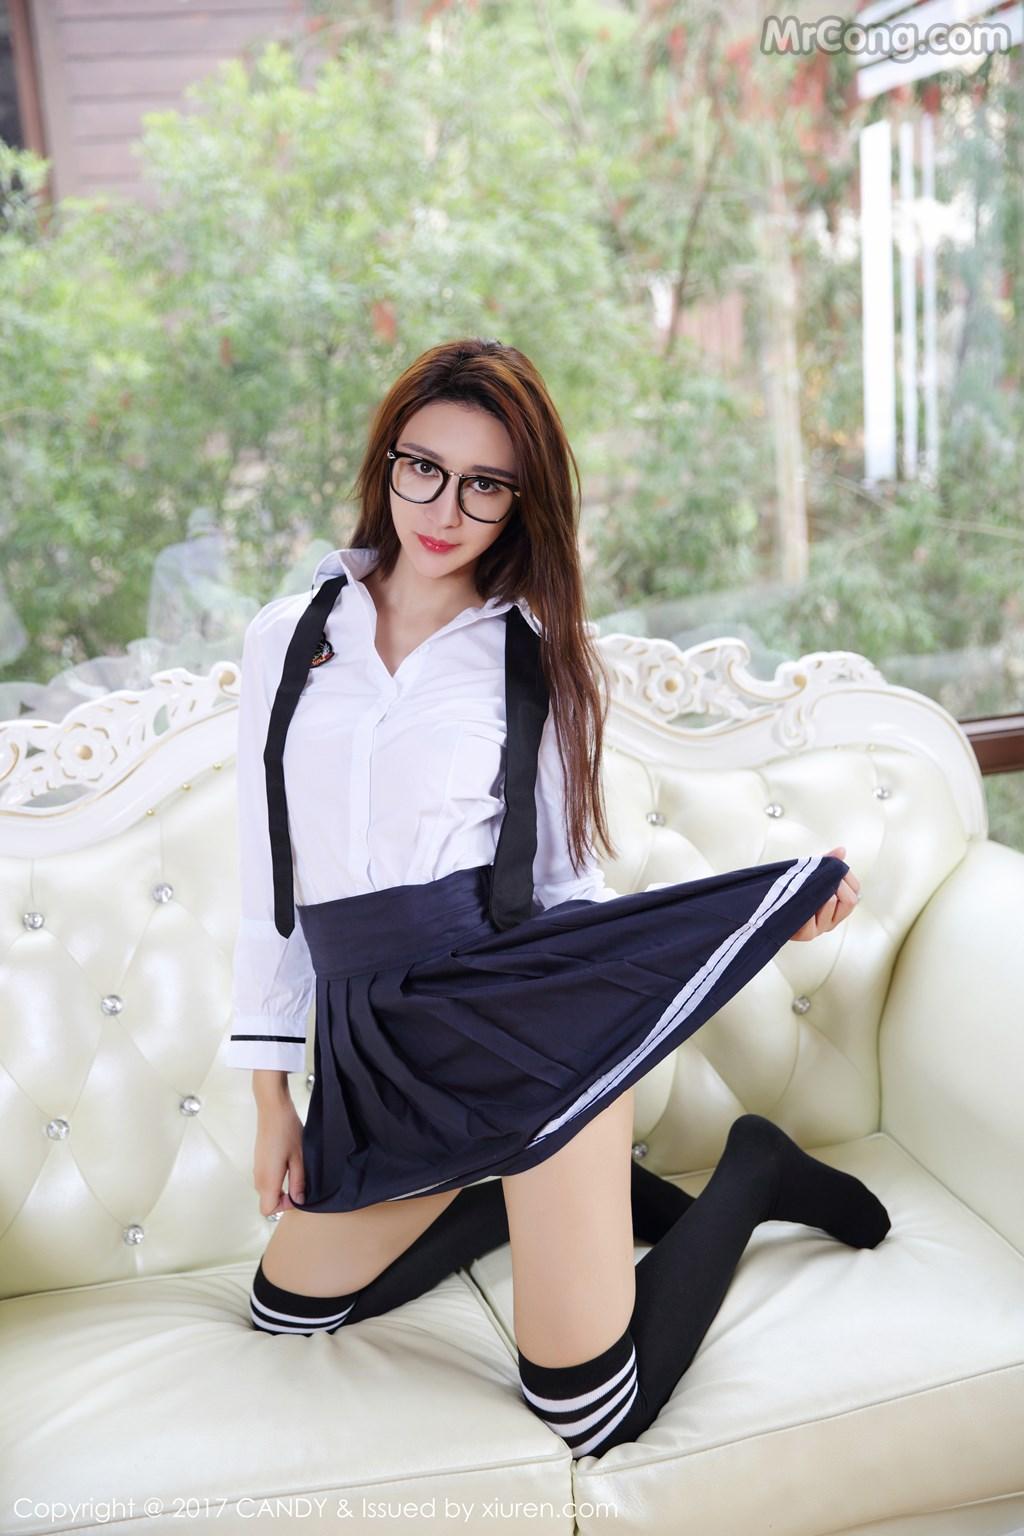 Image CANDY-2017-04-28-Vol.020-Yi-Li-Na-MrCong.com-008 in post CANDY Vol.020: Người mẫu Yi Li Na (伊莉娜) (59 ảnh)